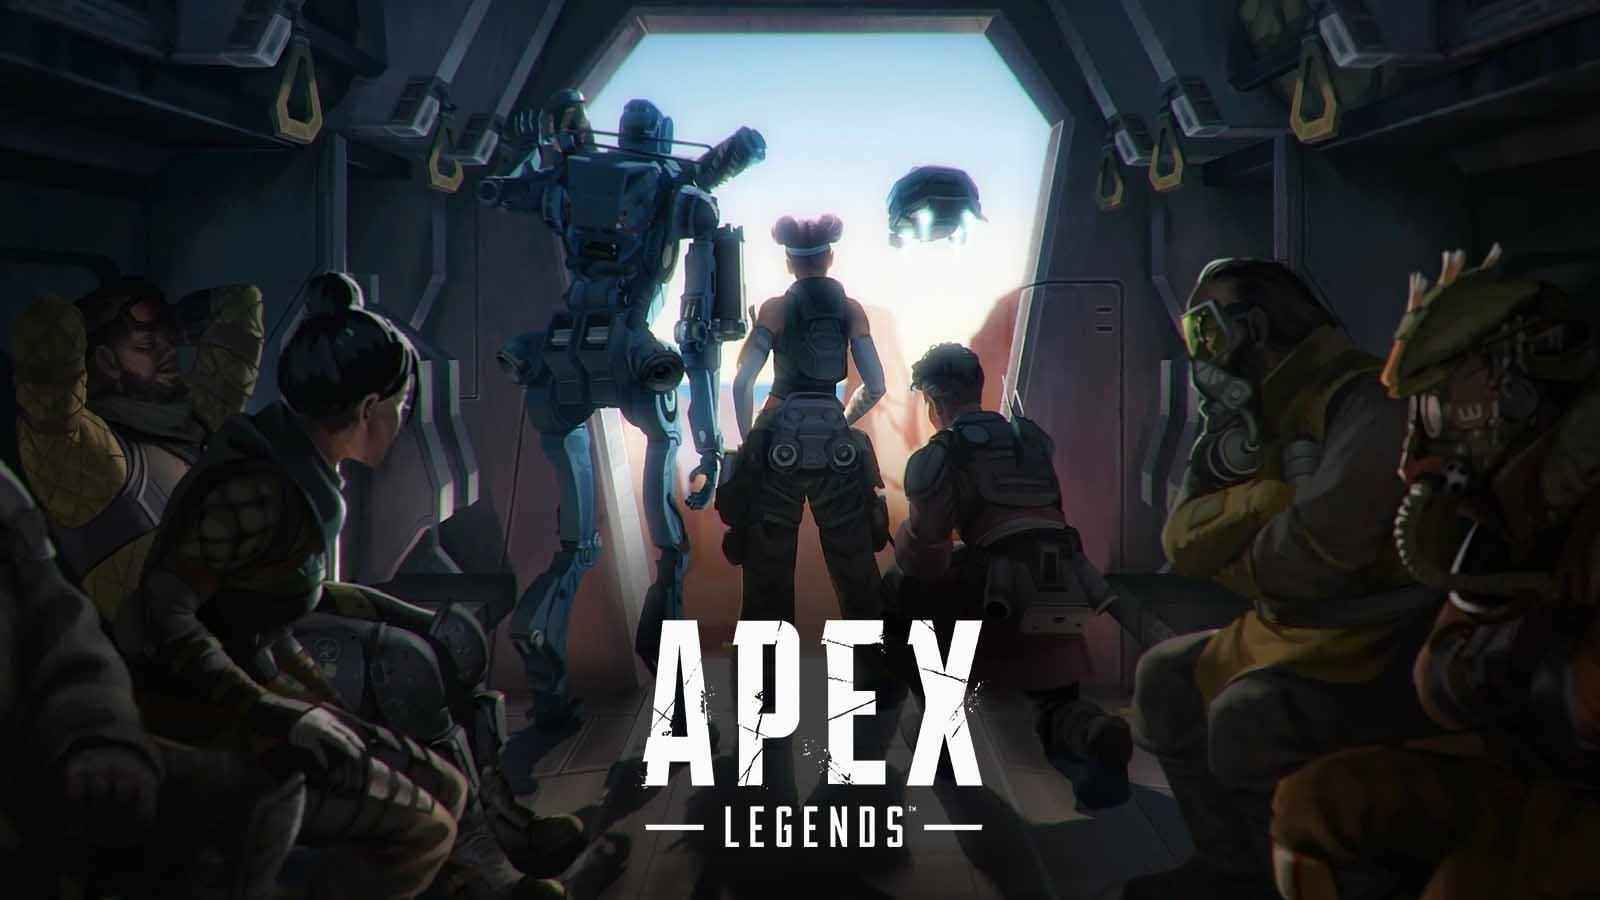 portada glitch temporada 7 apex legends